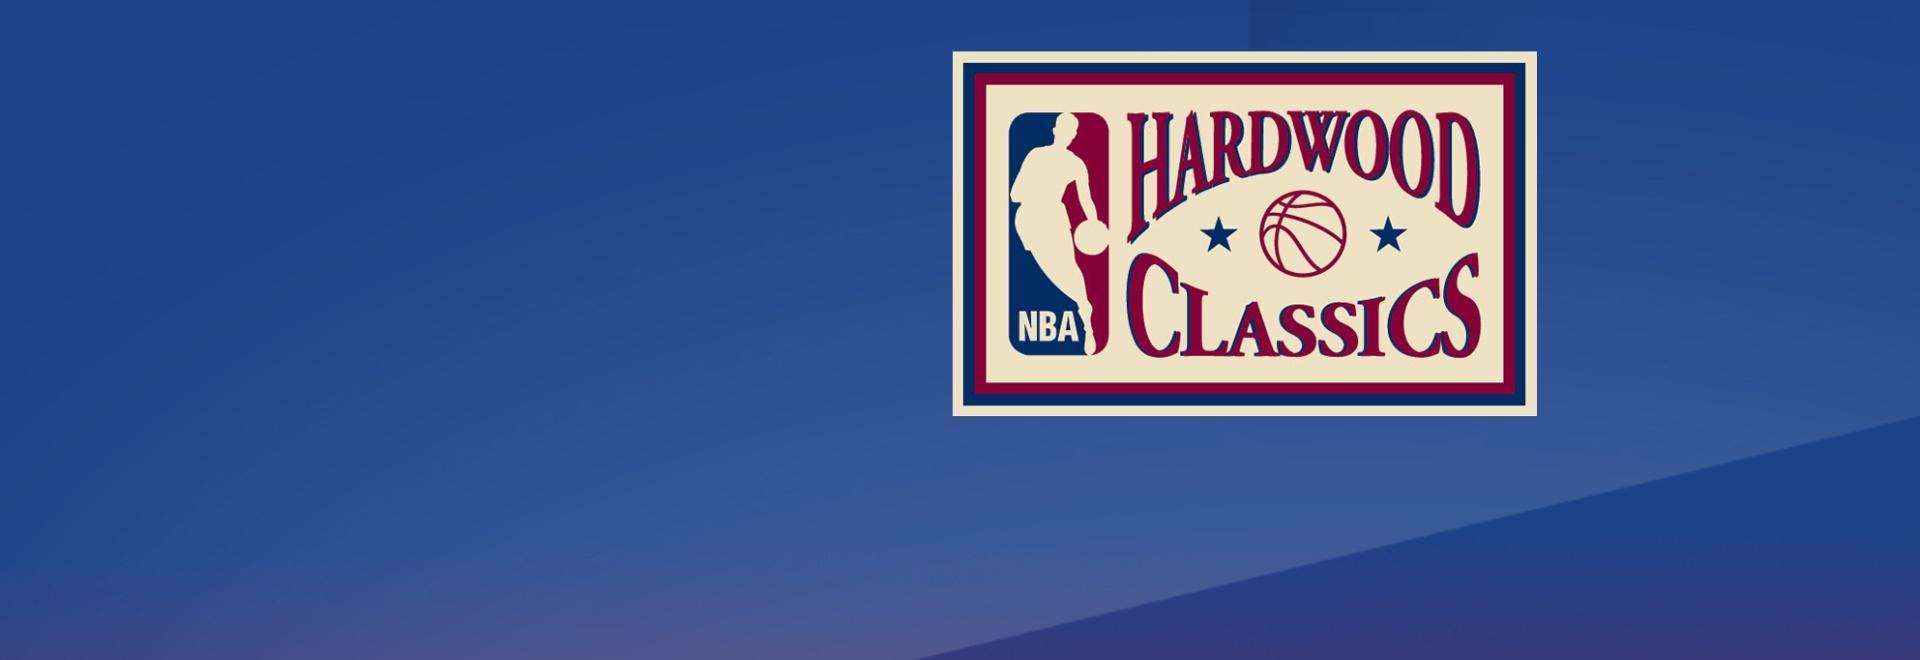 Suns - Nets 07/12/06 Nash & Kidd